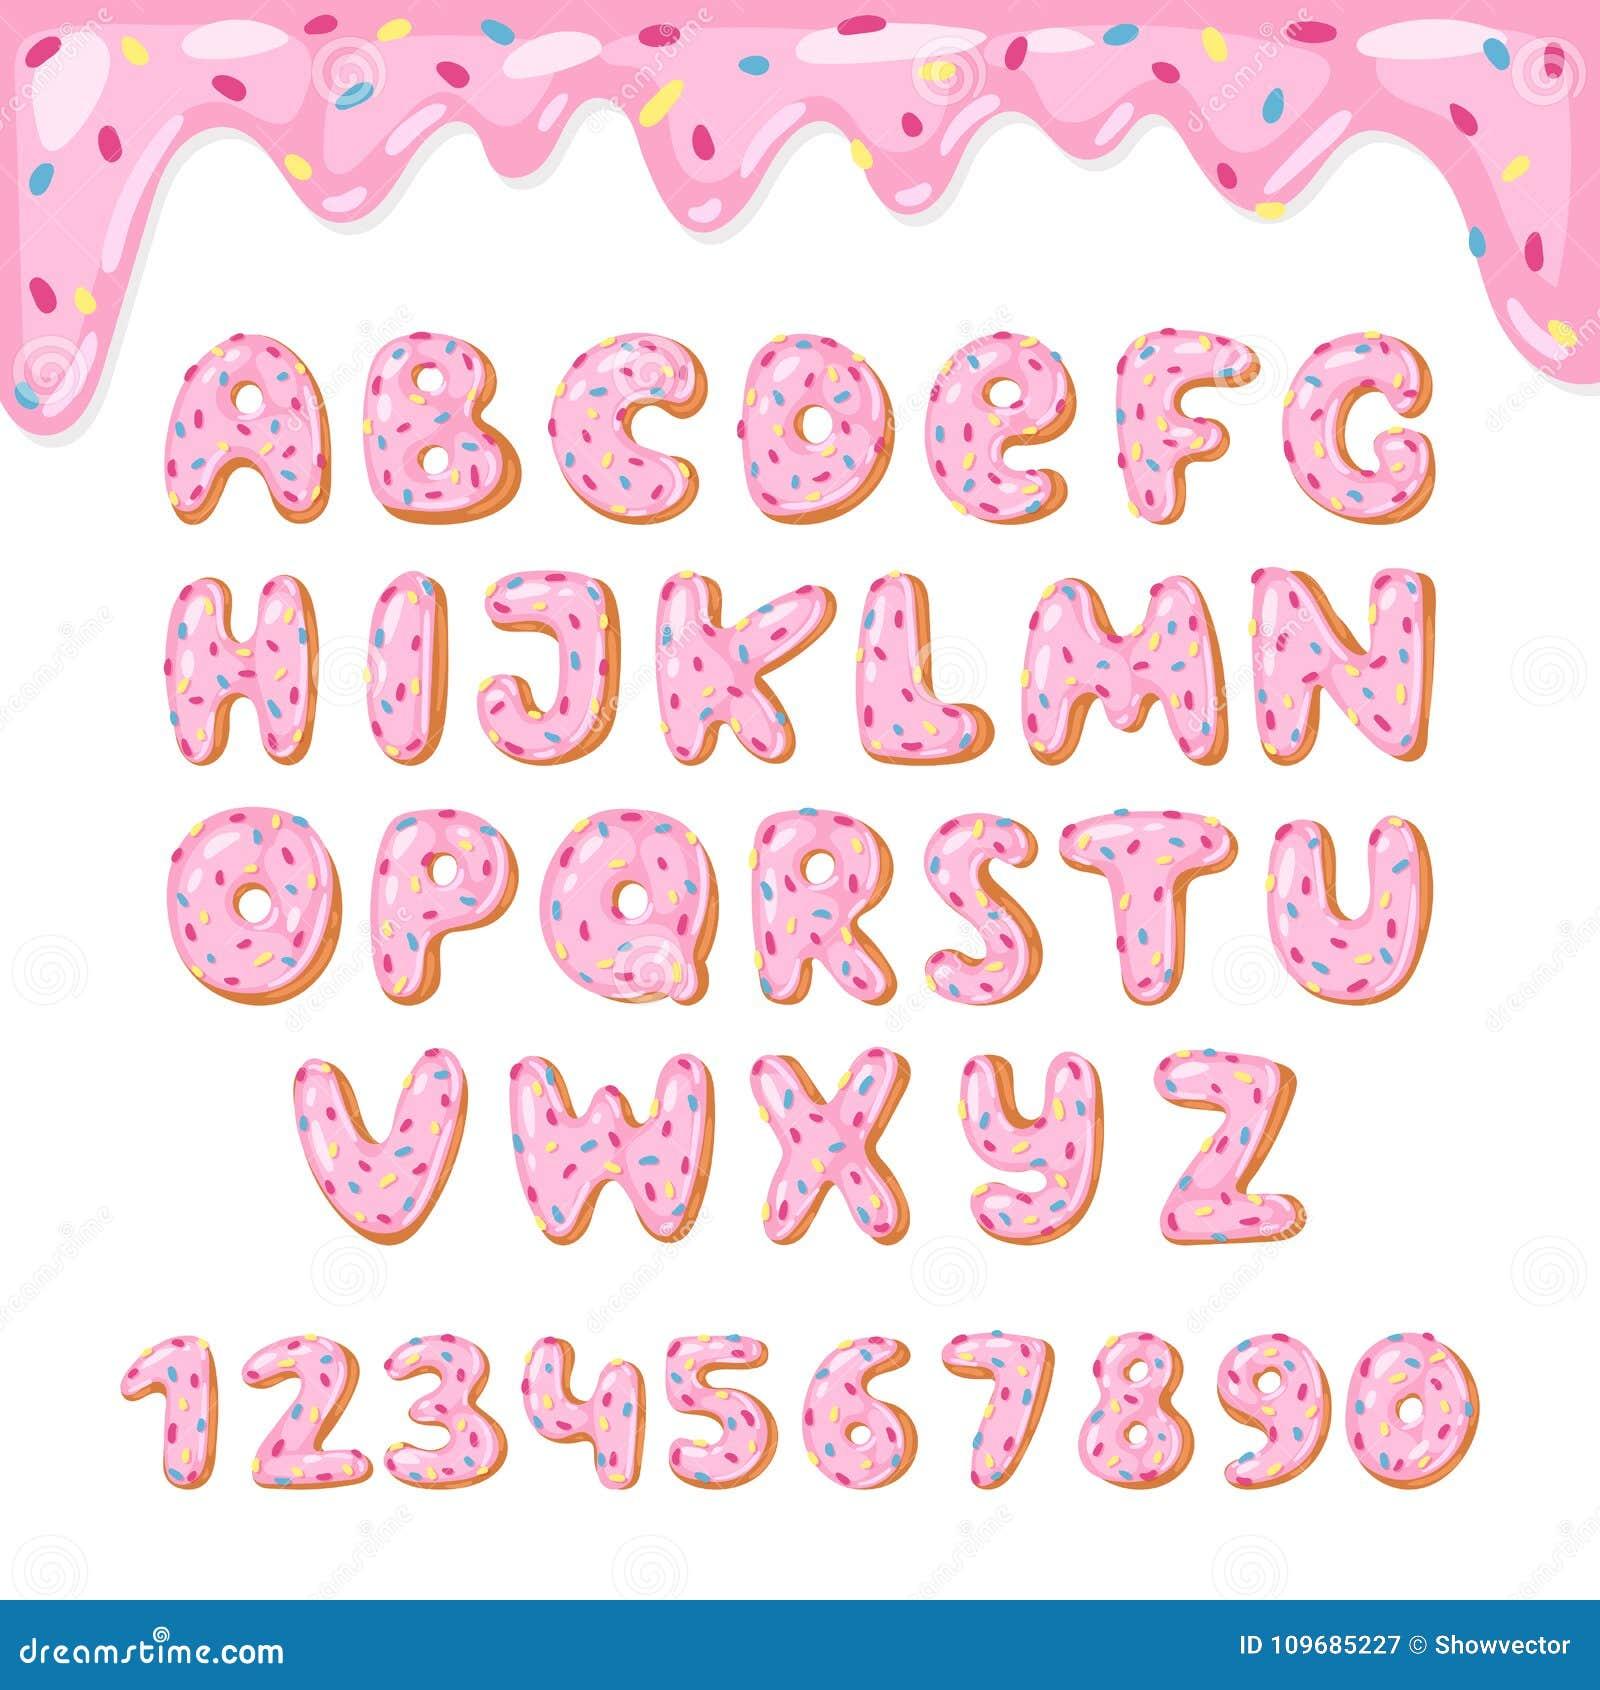 Вектор донута алфавита ягнится алфавитный ABC шрифта донутов с розовыми письмами и застекленными номерами с замороженностью или п